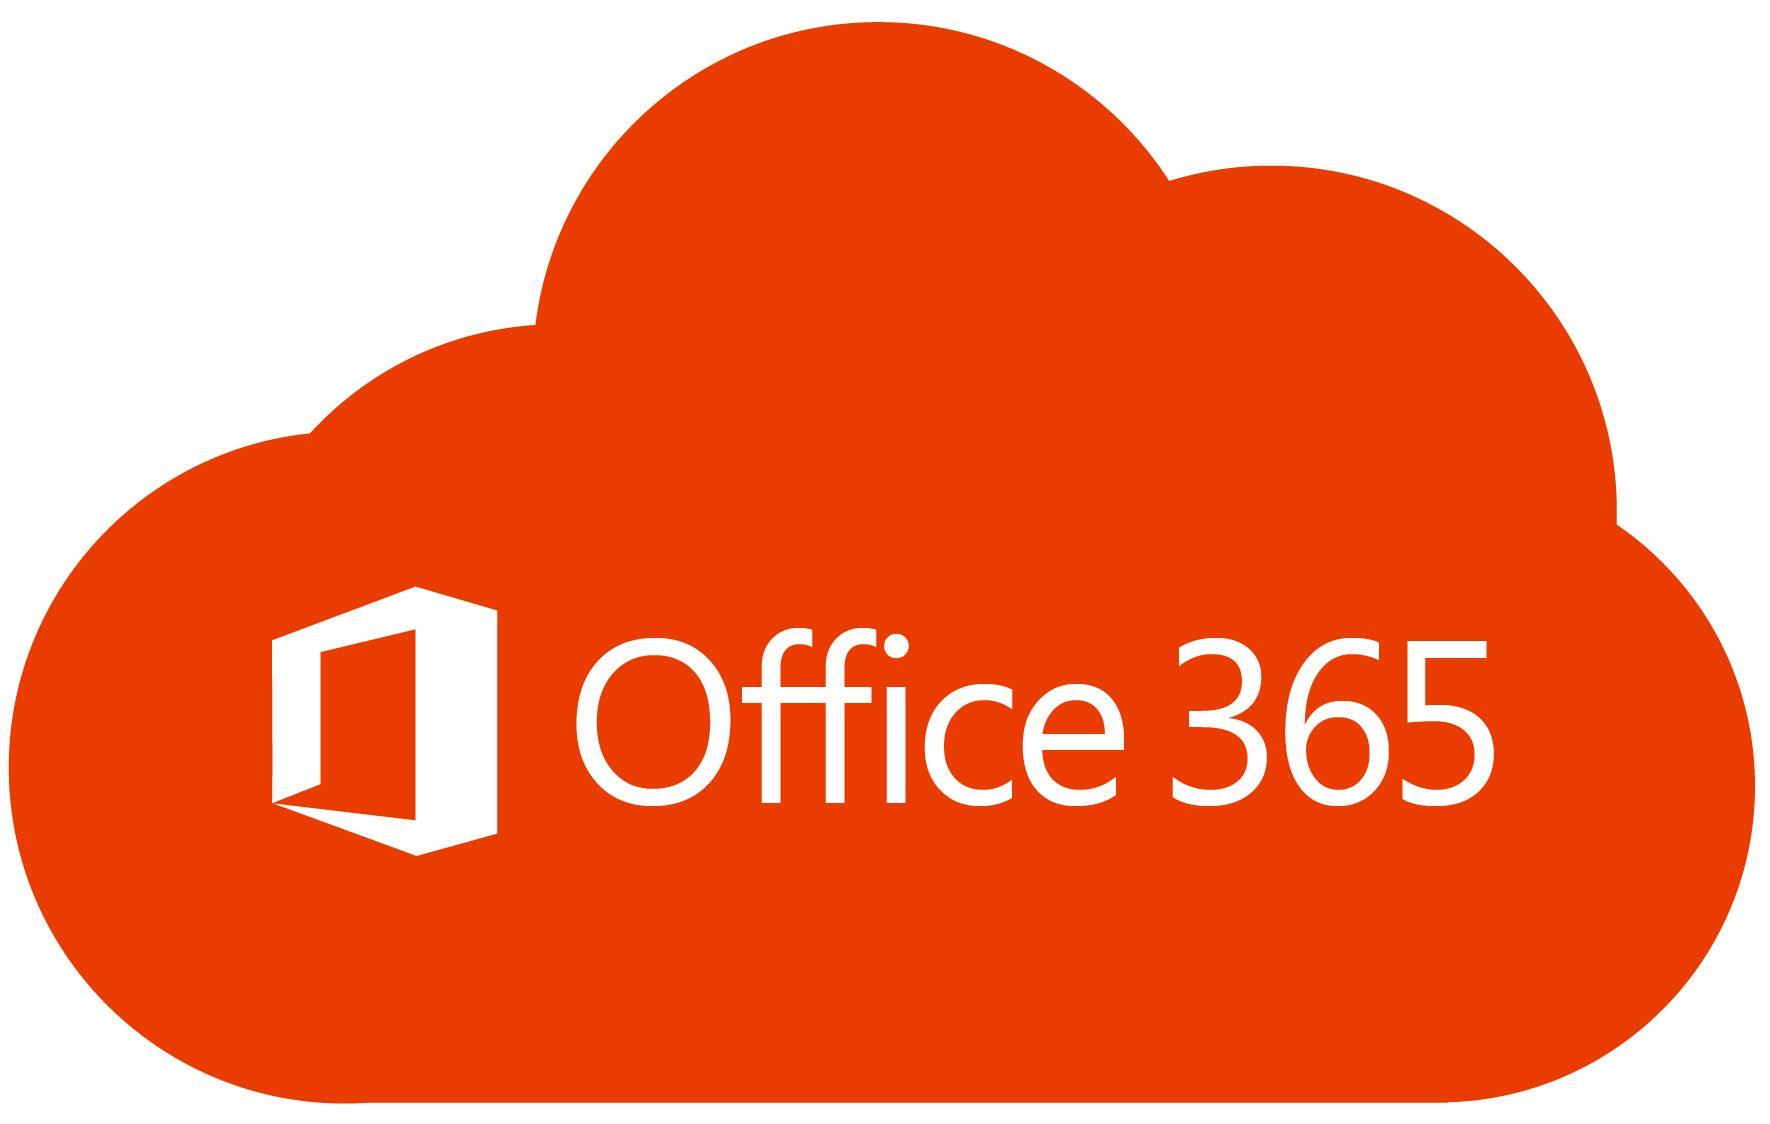 Computer Check | Veilig snel online werken met Office 365 op uw werkplek